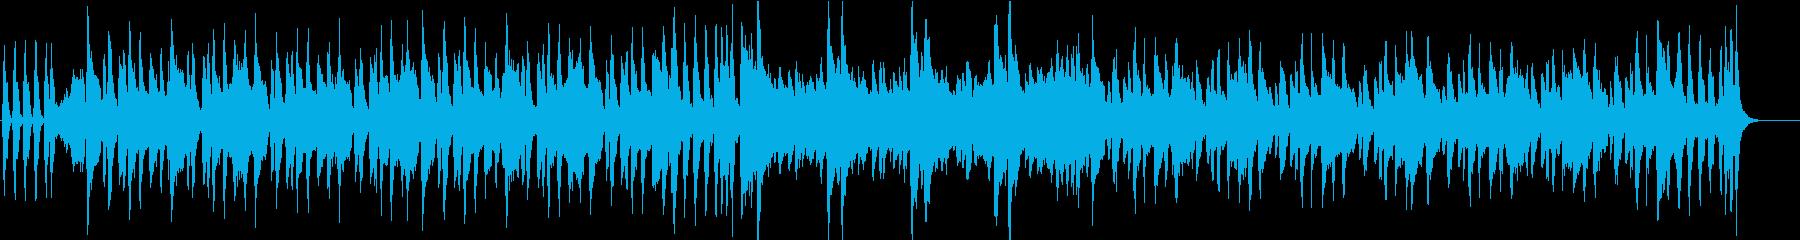 ブラスの骨太ロック調なファンクジングルの再生済みの波形